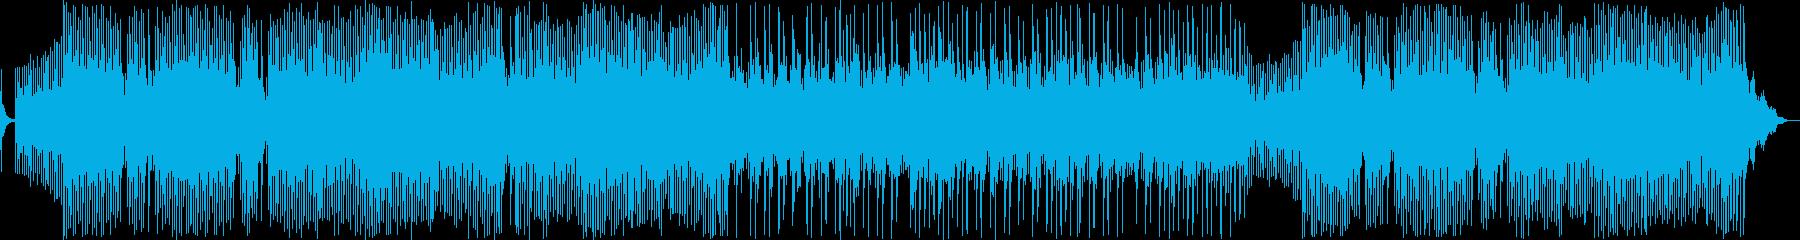 小犬のワルツ/ショパン(和風)の再生済みの波形